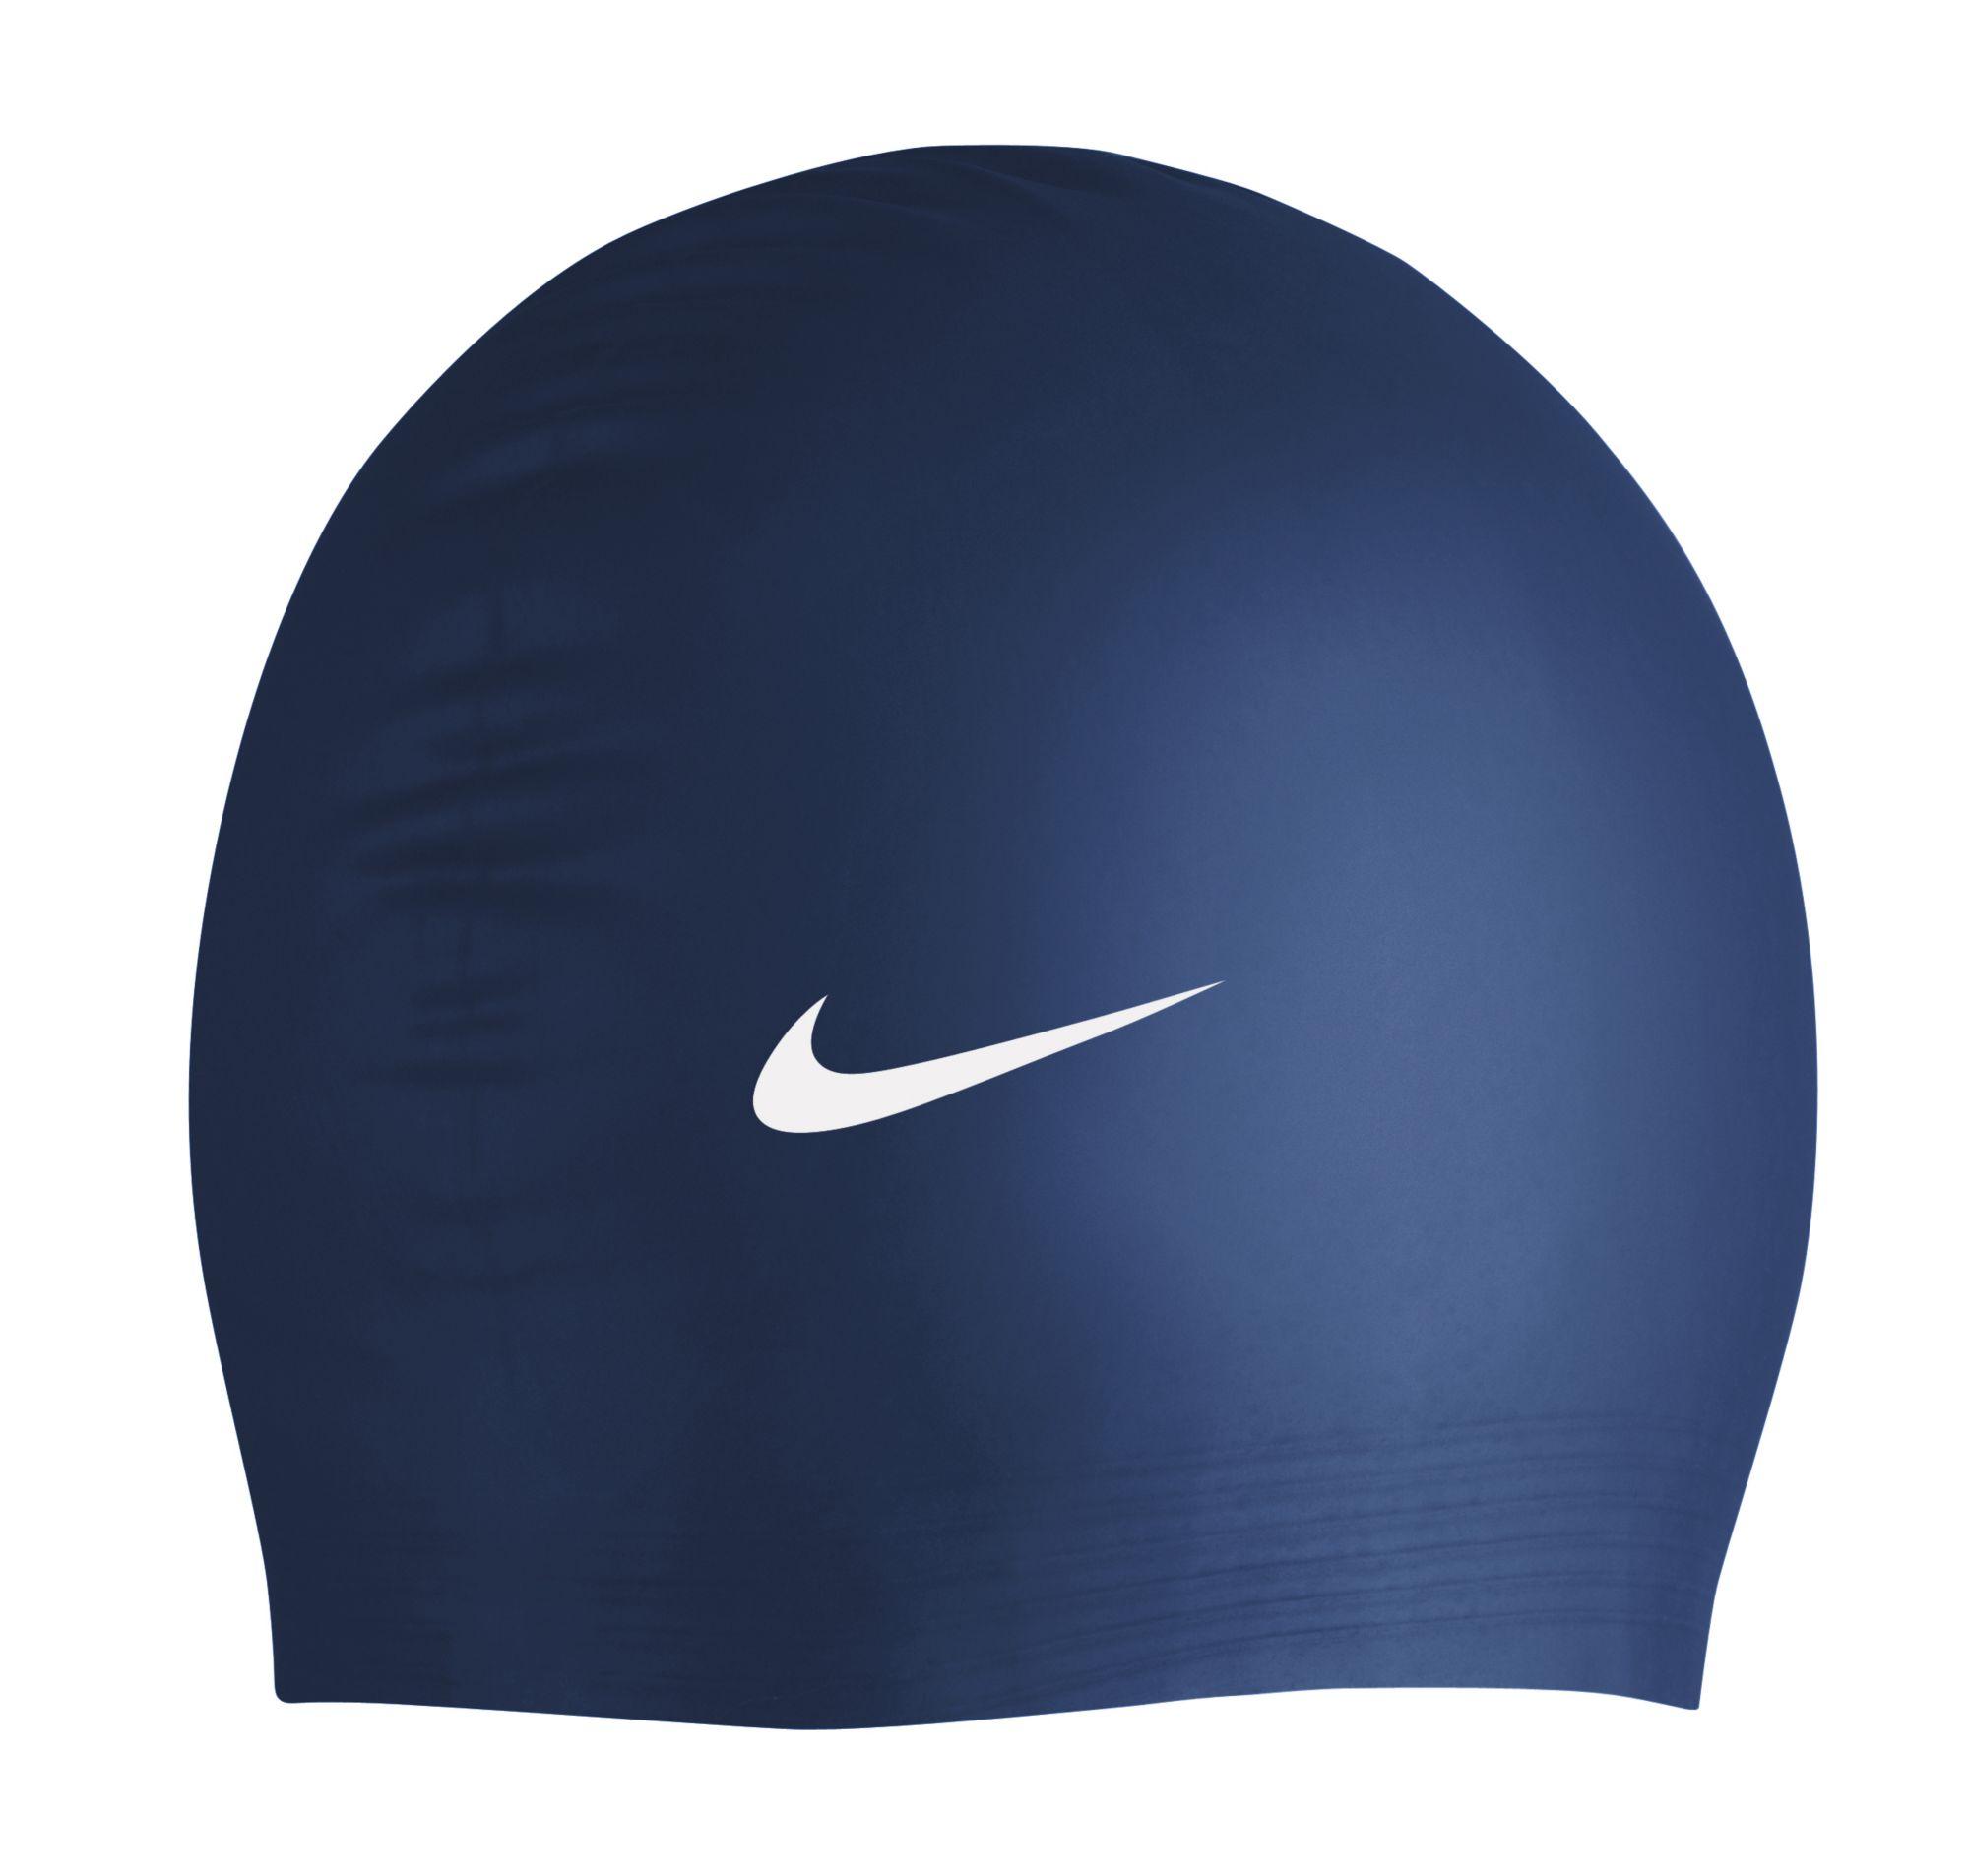 swim caps for adults kids dick s sporting goods product image nike flat latex swim cap